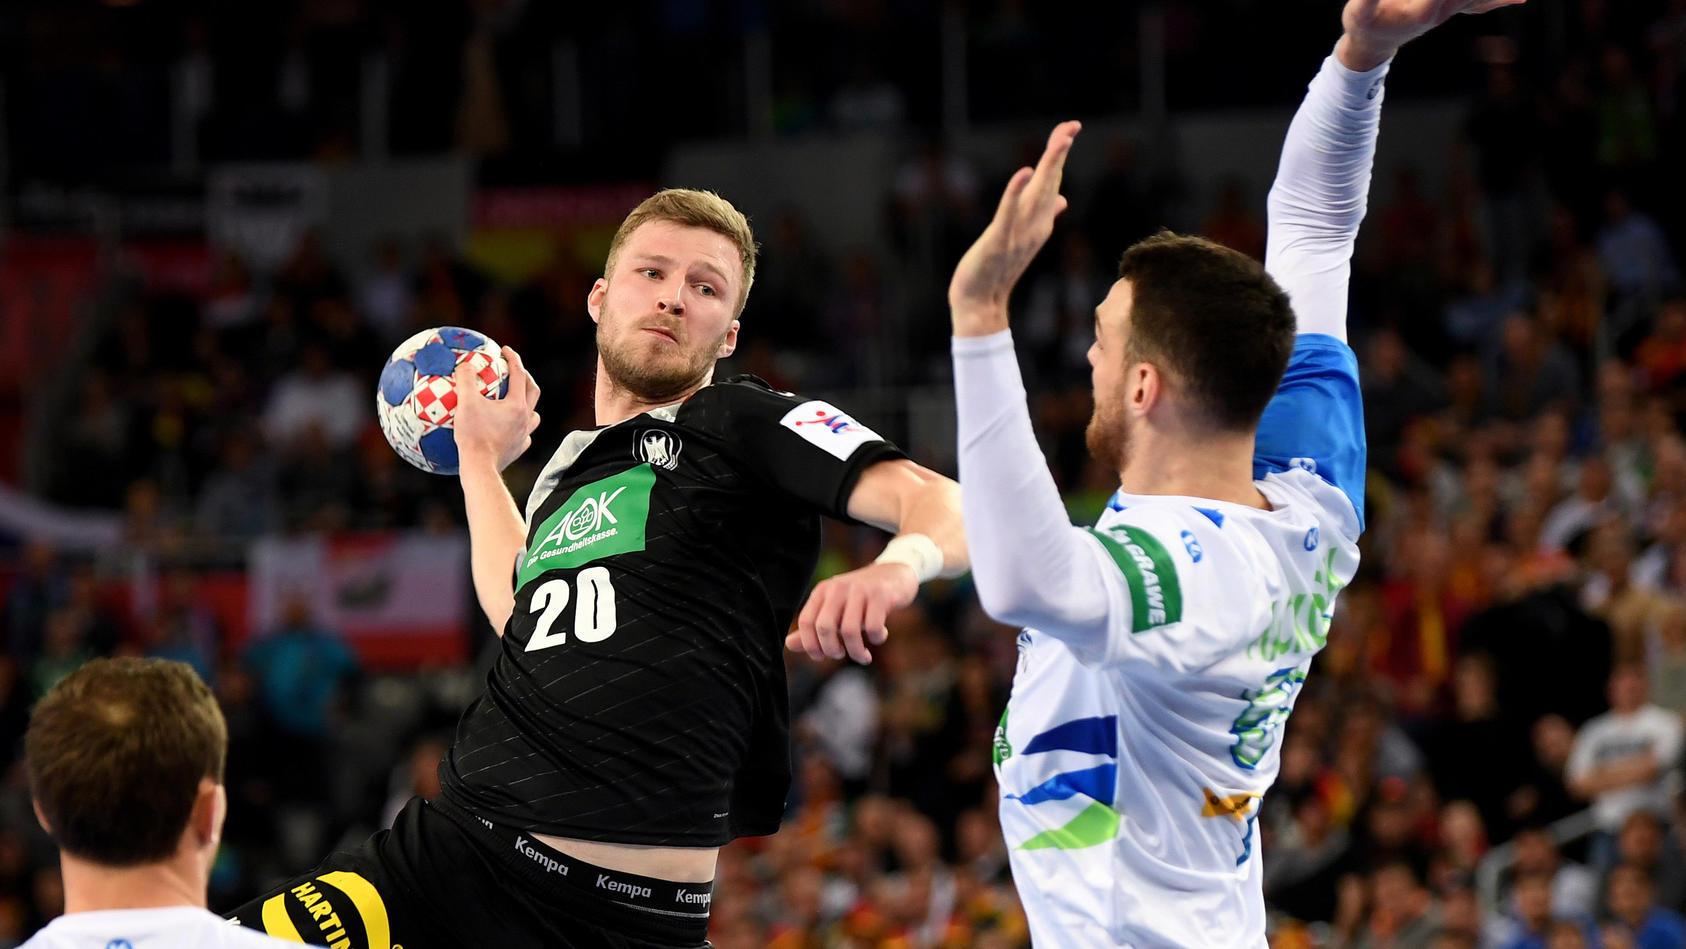 Das Nachspiel des Duells Deutschland gegen Slowenien ist vorbei